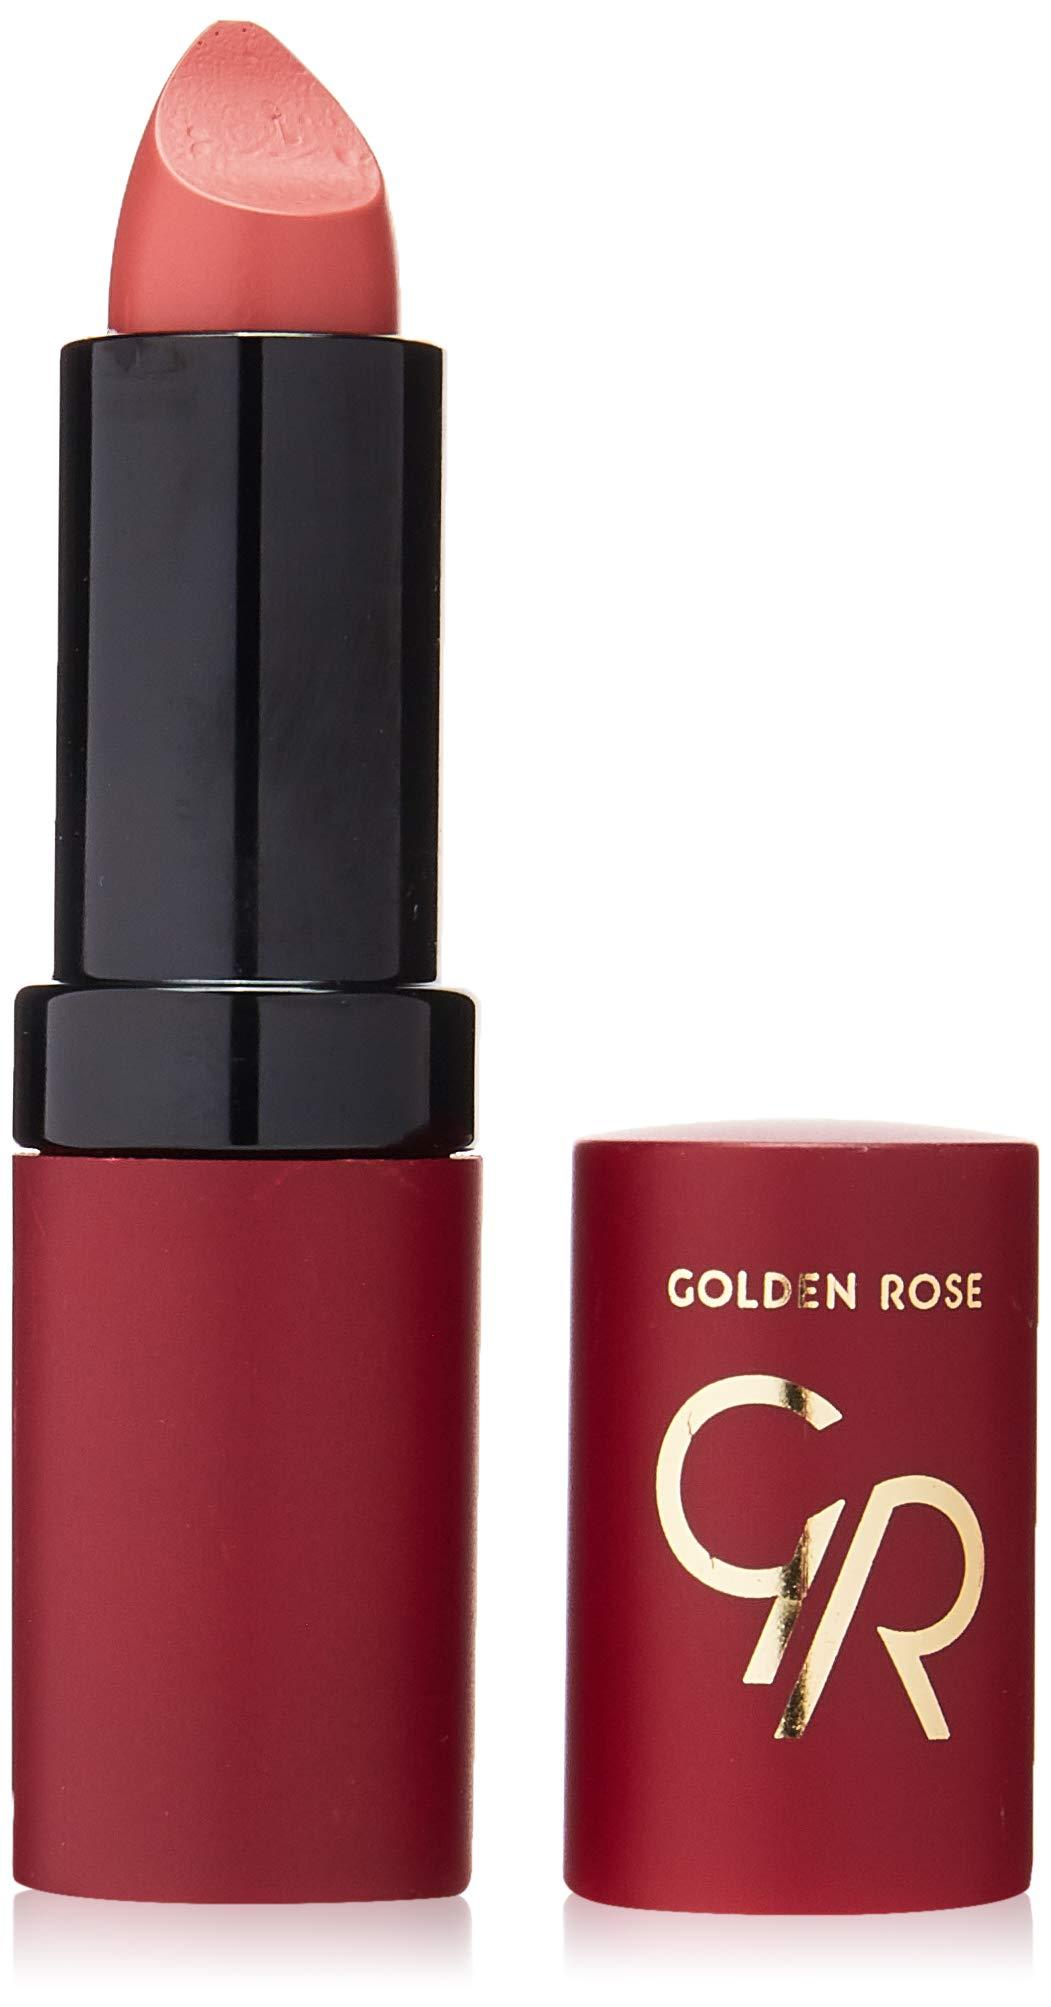 Amazoncom Golden Rose Velvet Matte Lipstick 02 Tapestry Pink